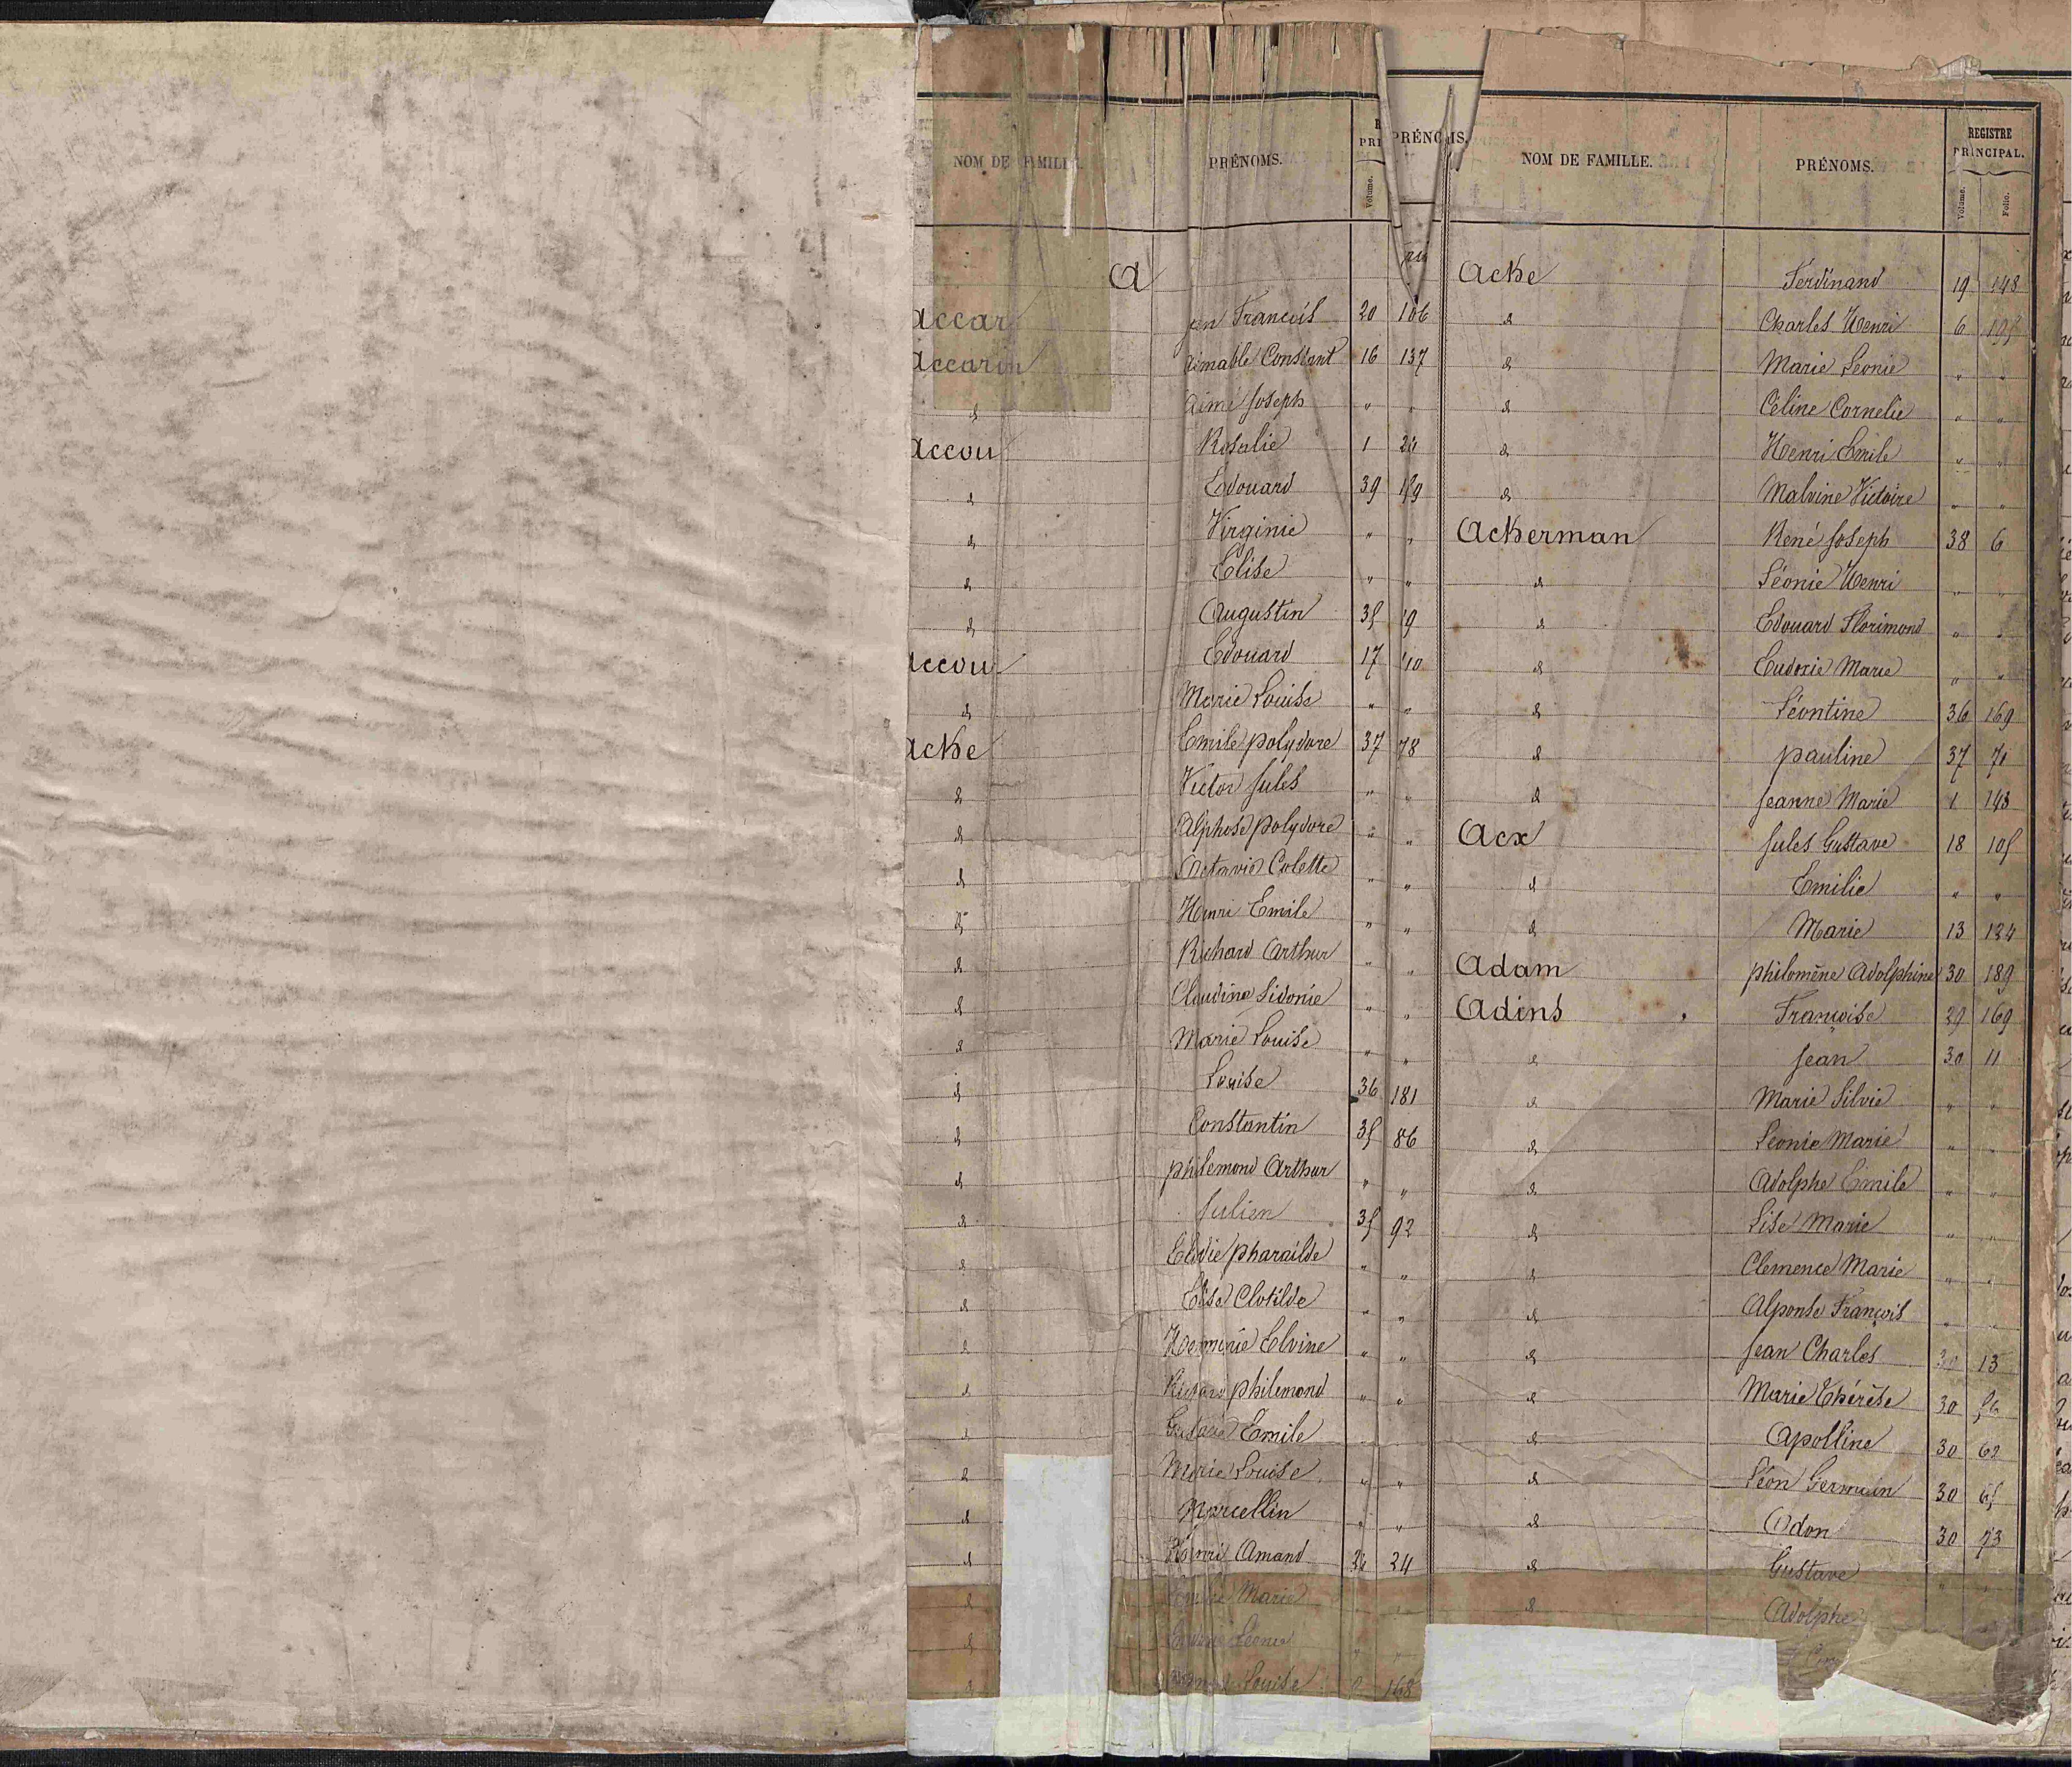 Bevolkingsregister Kortrijk 1880 index A-N